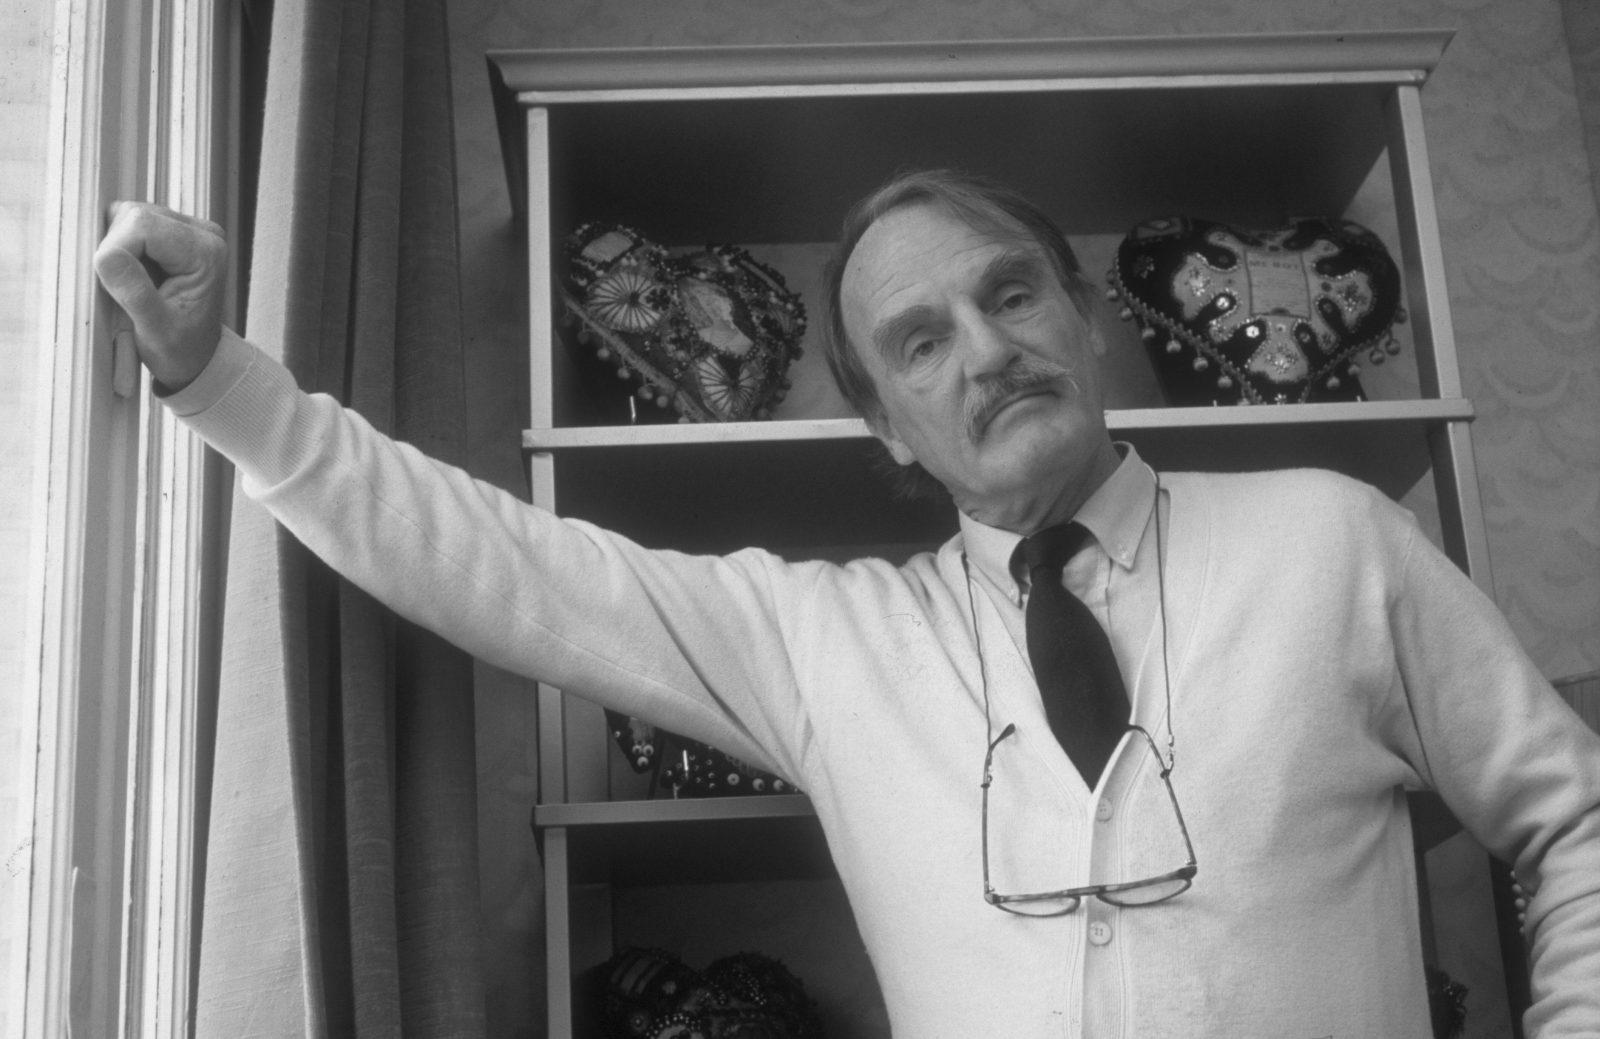 Jean Raspail (1979): Seine Bücher würden heute nicht mehr veröffentlicht werden Foto: imago images / Leemage